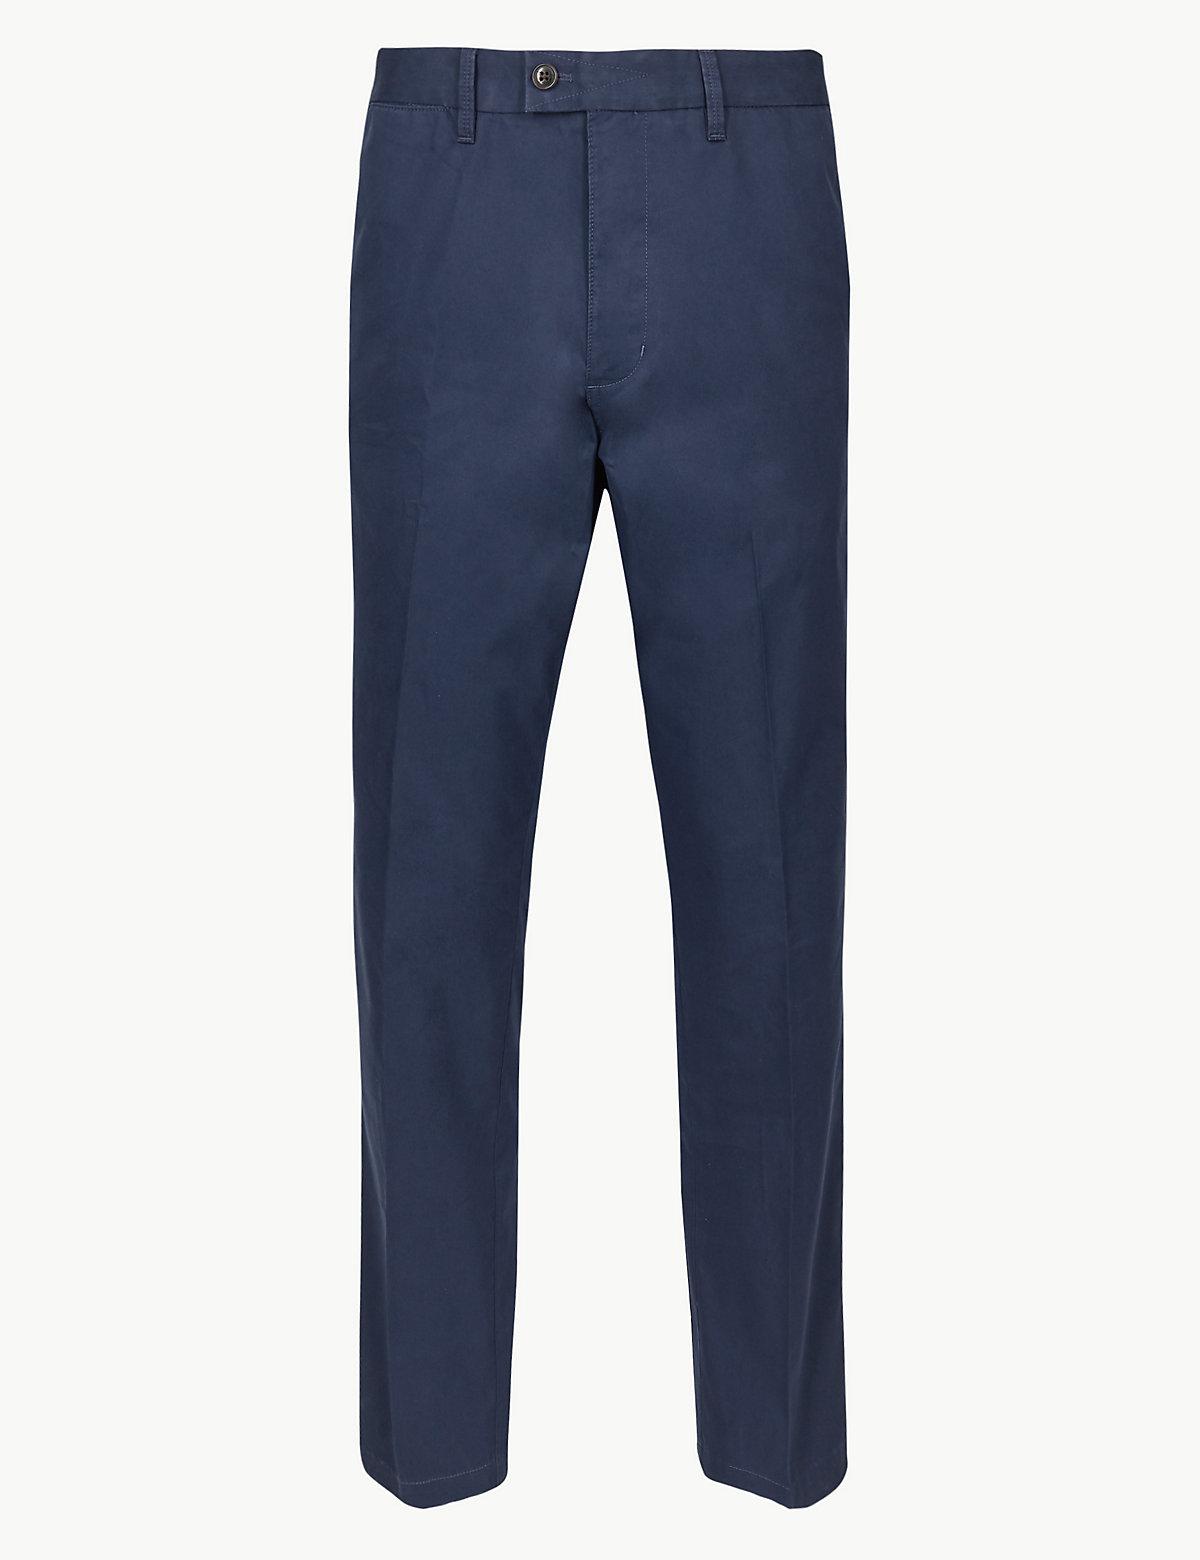 Мужские брюки чинос классического кроя Blue Harbour. Цвет: кобальтовый